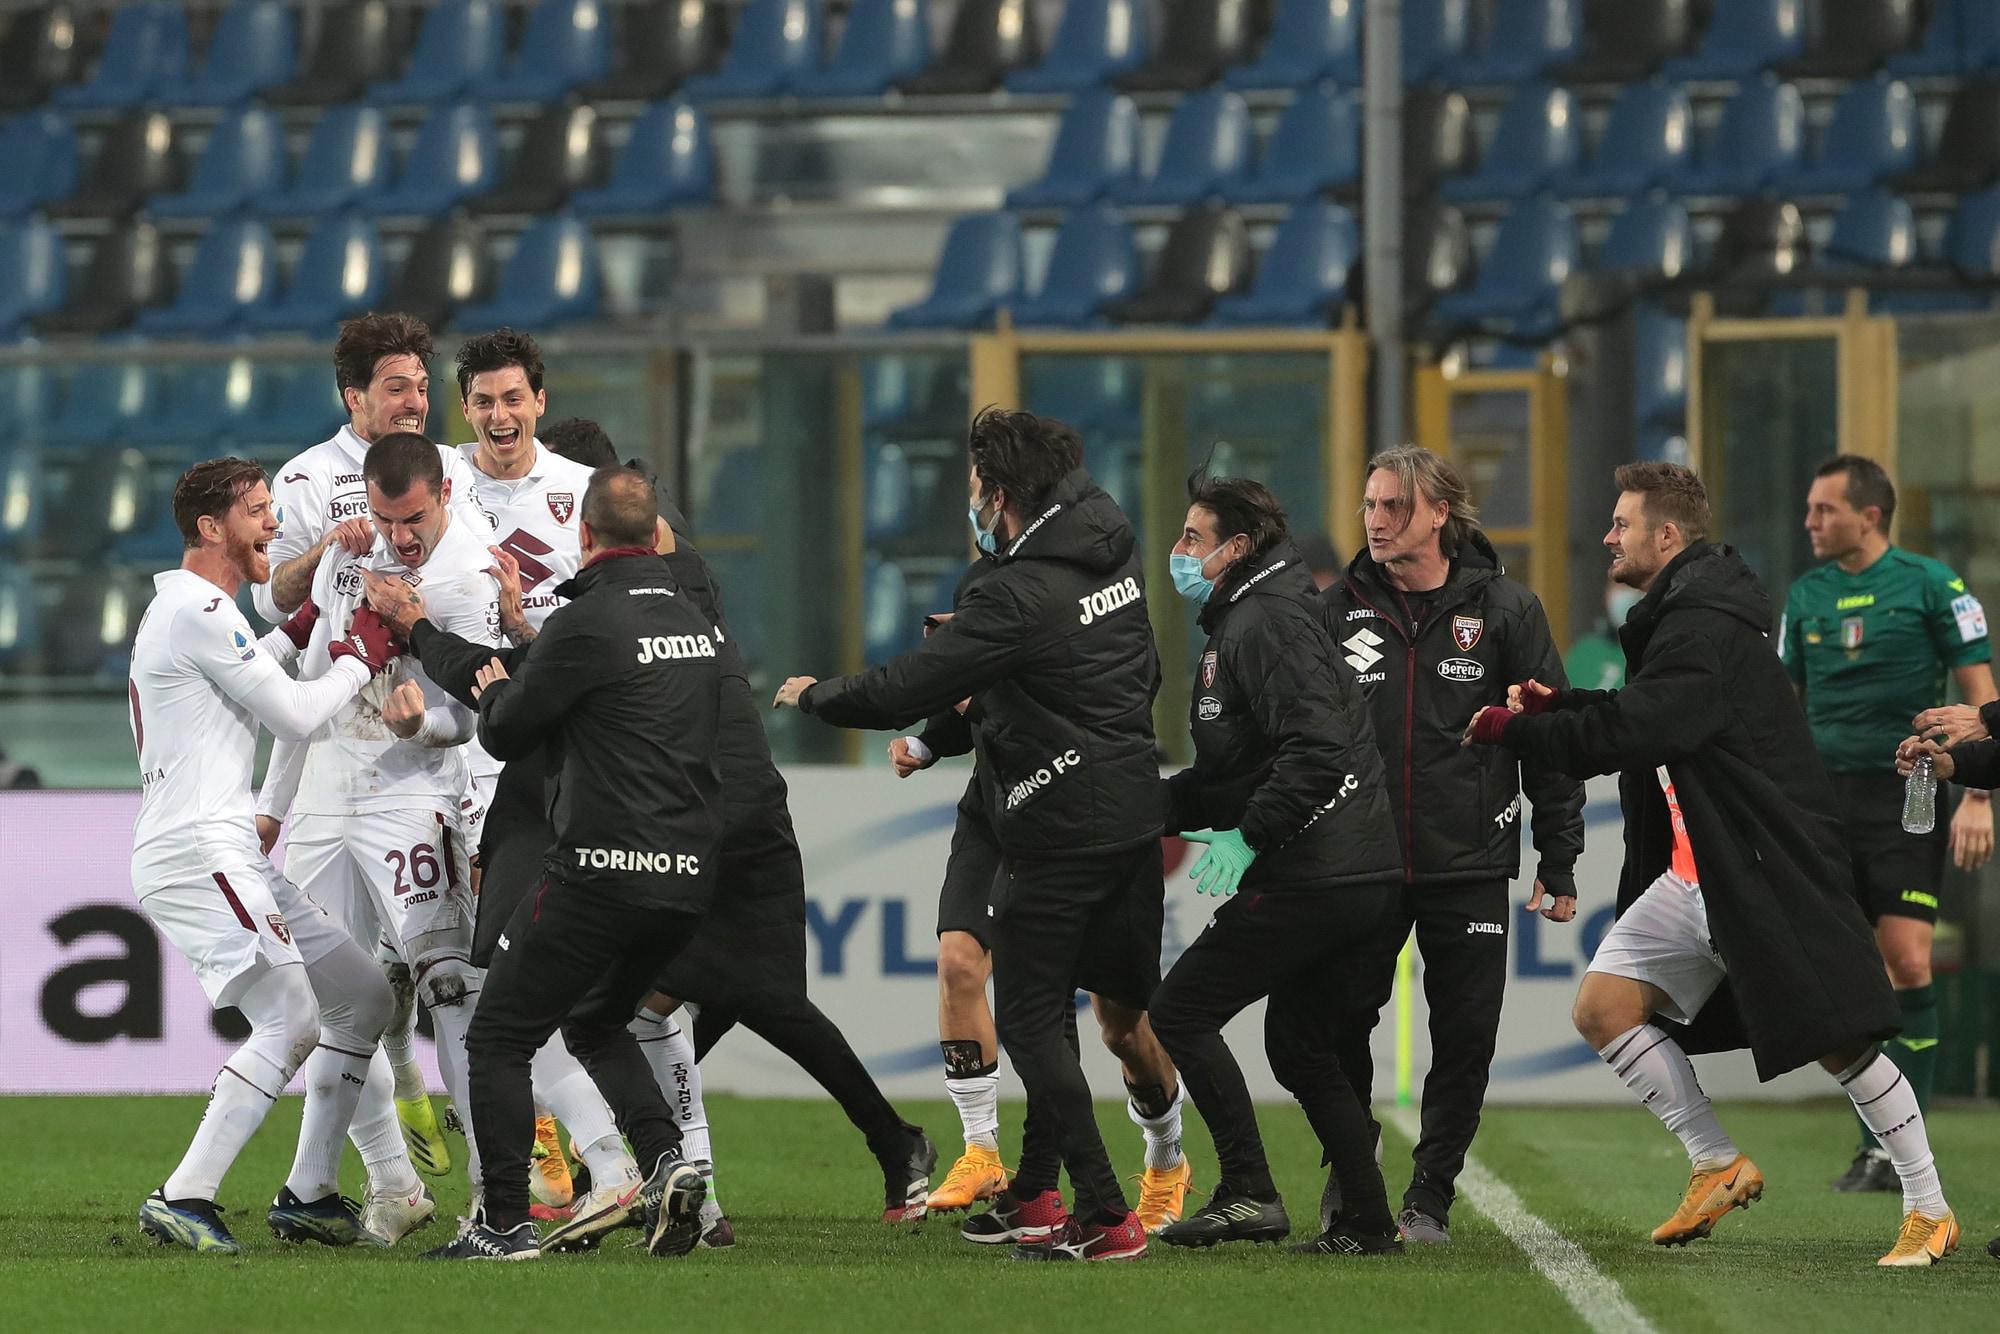 L'Atalanta si butta via: da 3-0 a 3-3 contro il Torino!